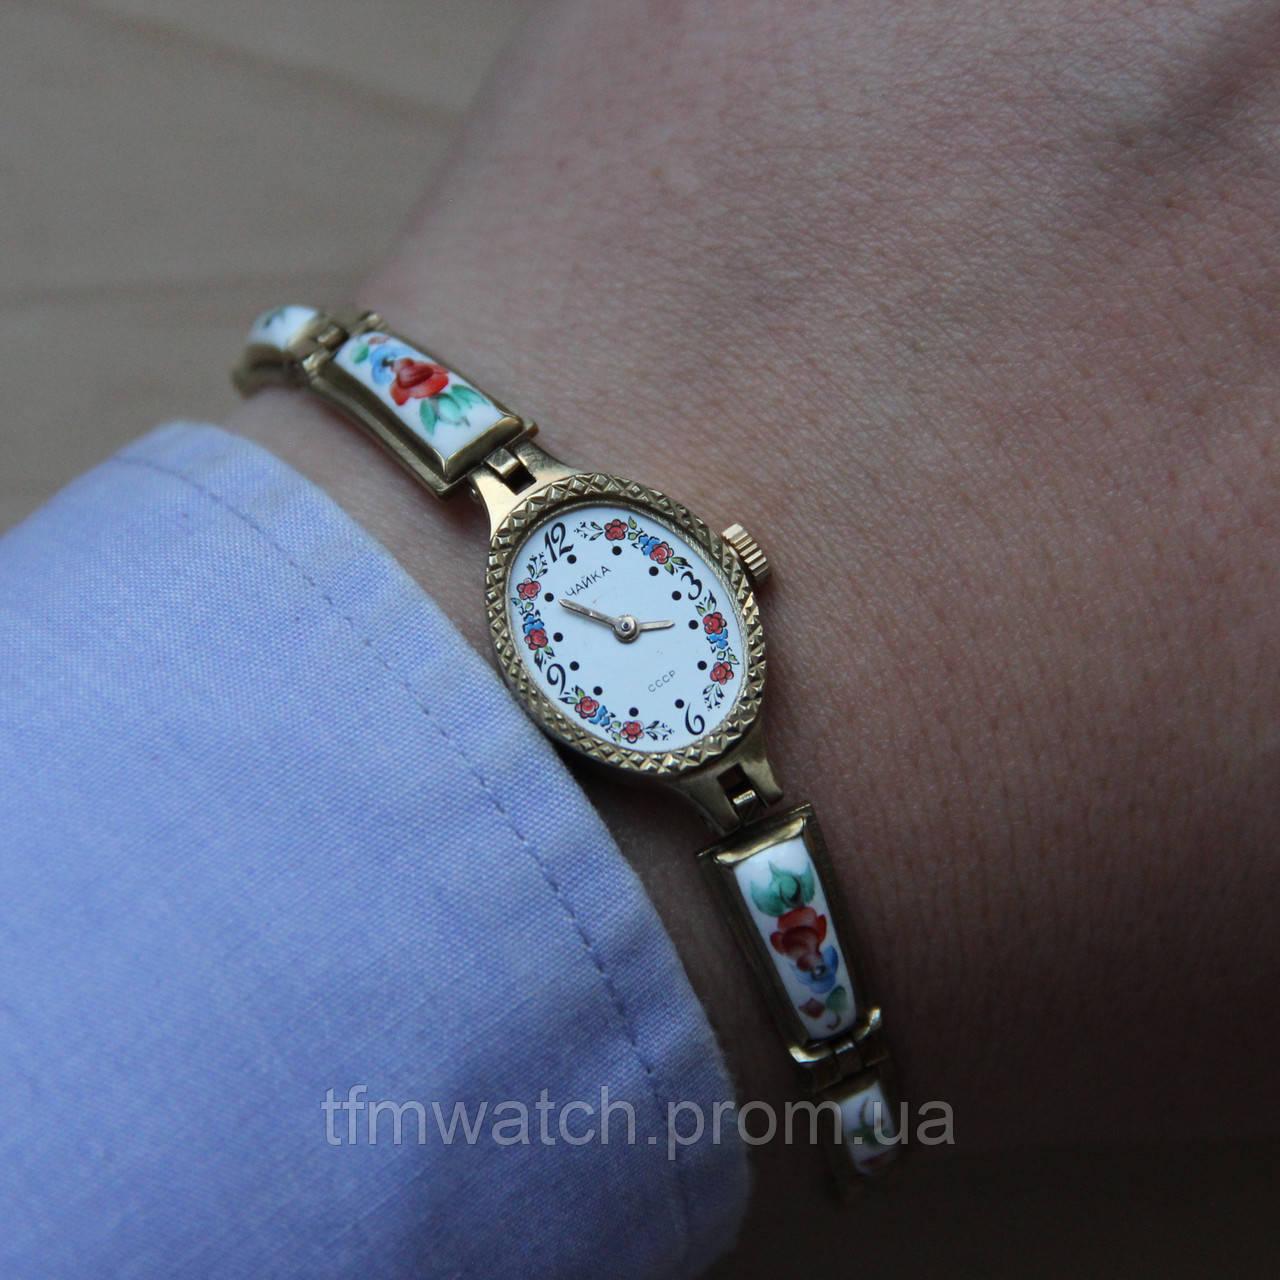 Чайка стоимость часы женские фотографа часа стоимость 1